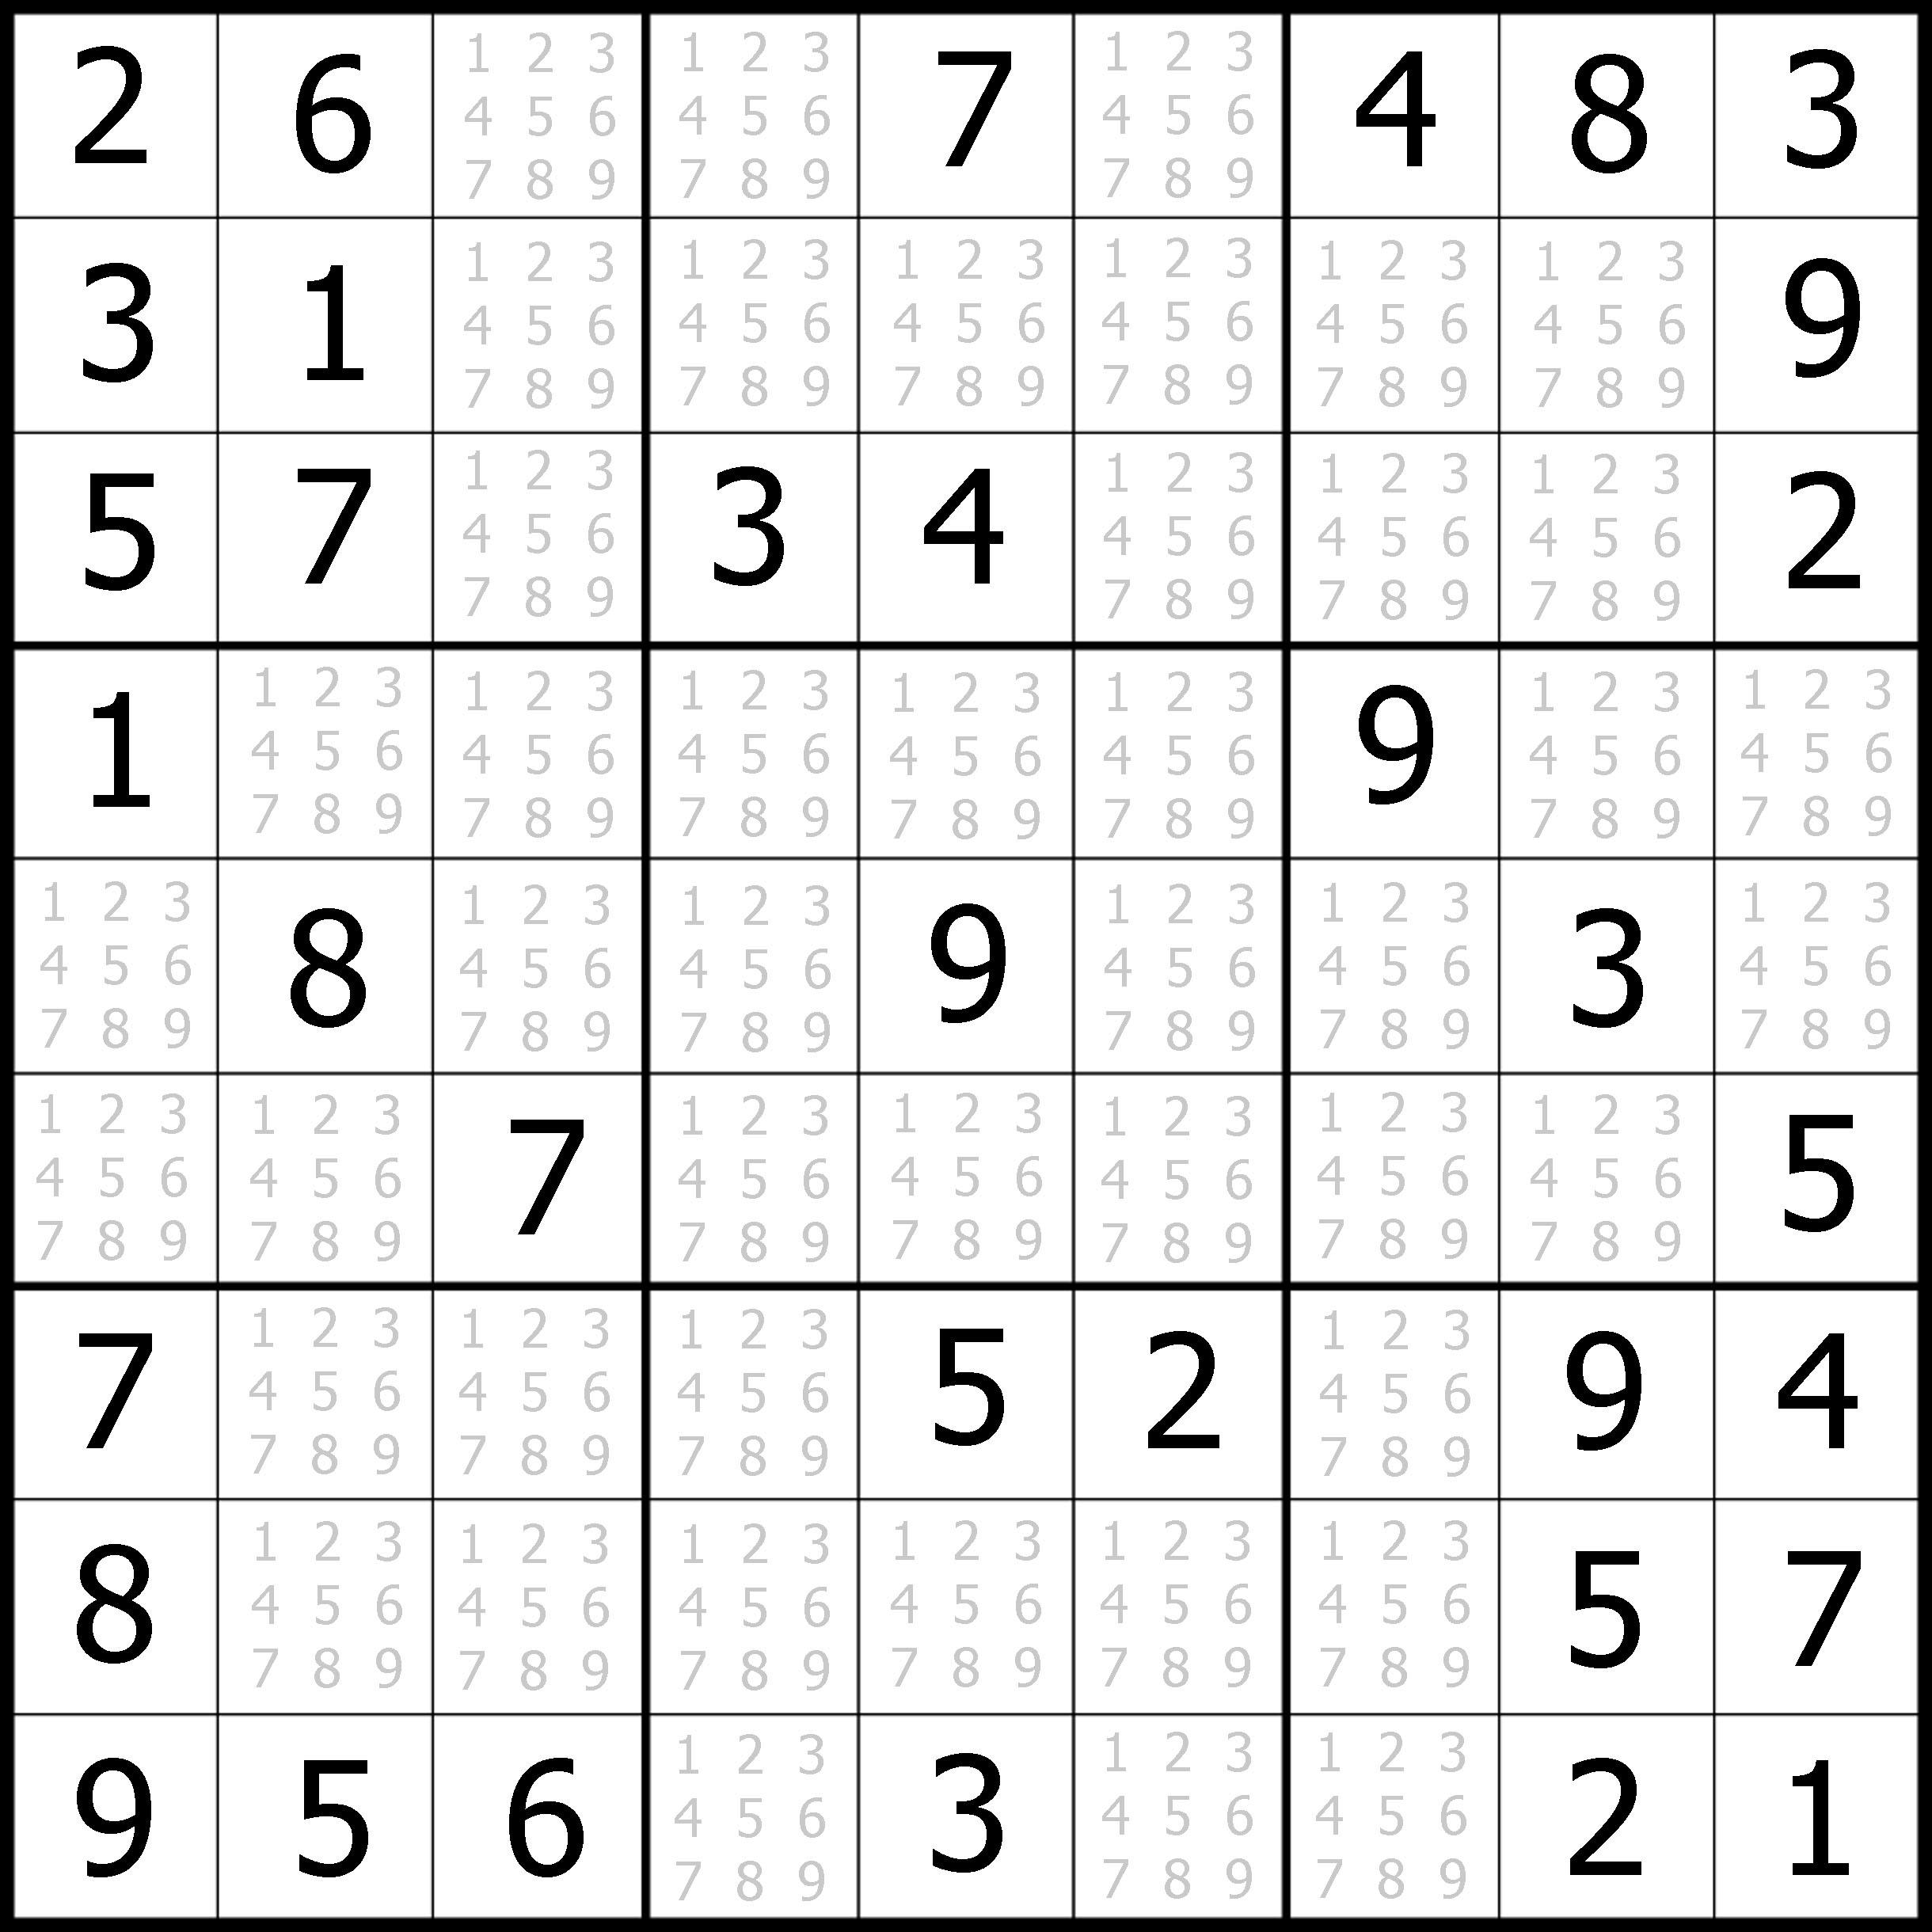 Easy Sudoku Printable   Kids Activities - Free Printable Sudoku With Answers